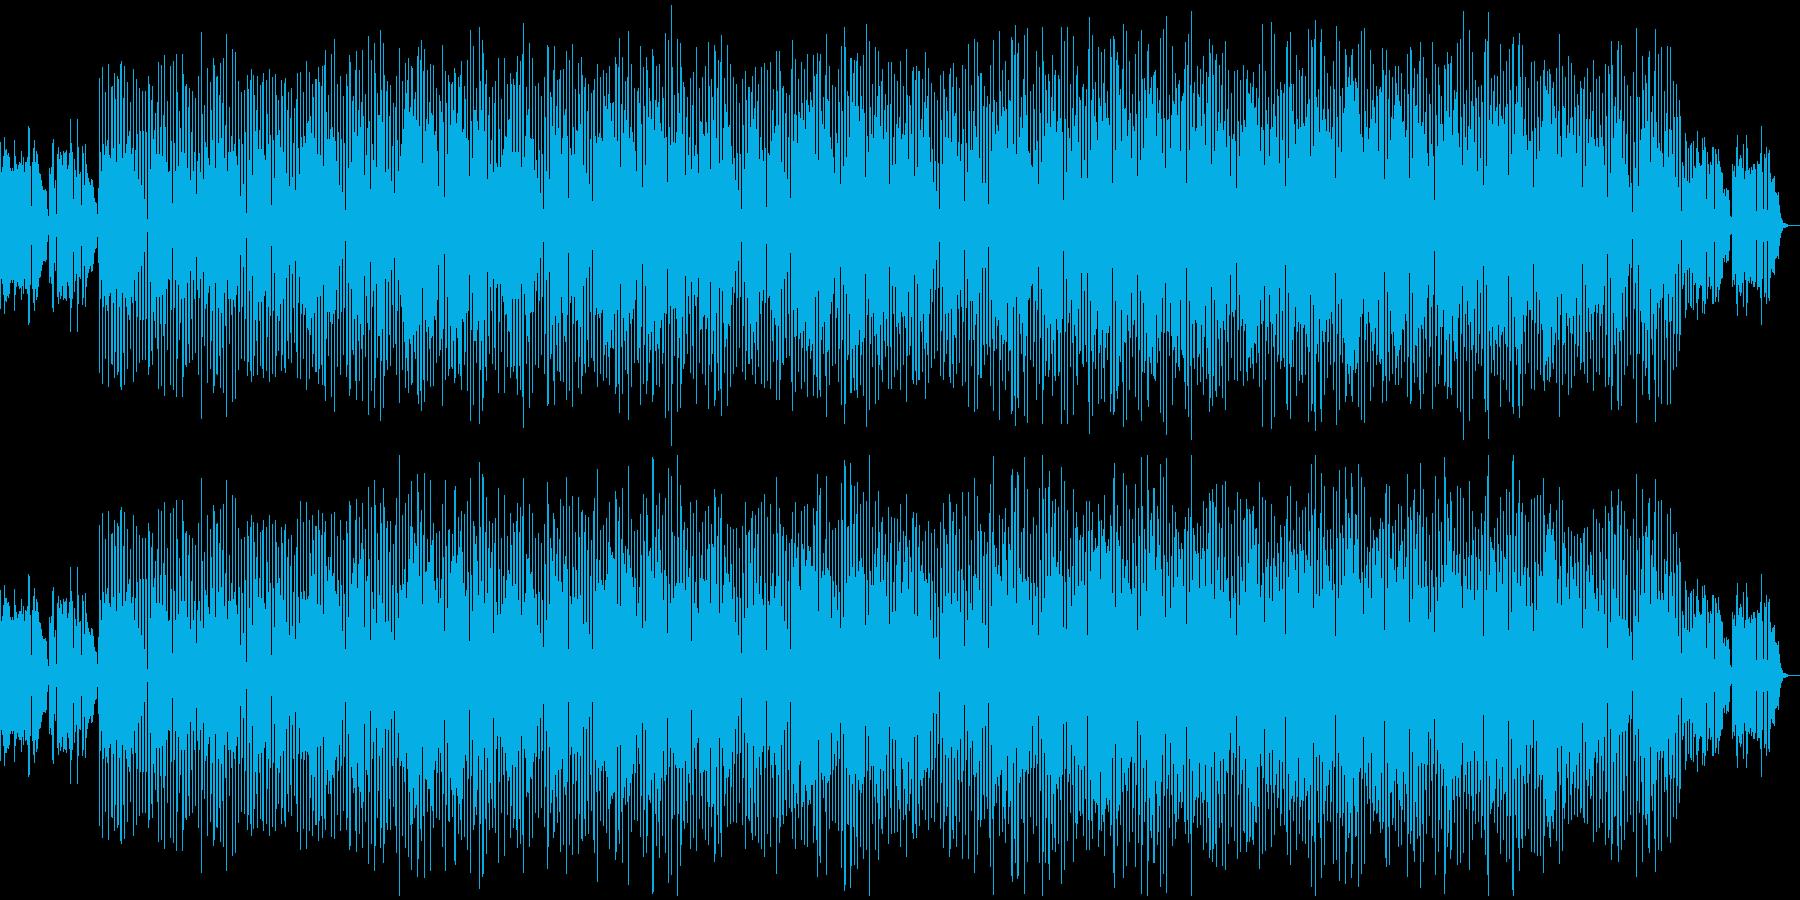 チルくて空っぽい爽快感がある曲の再生済みの波形